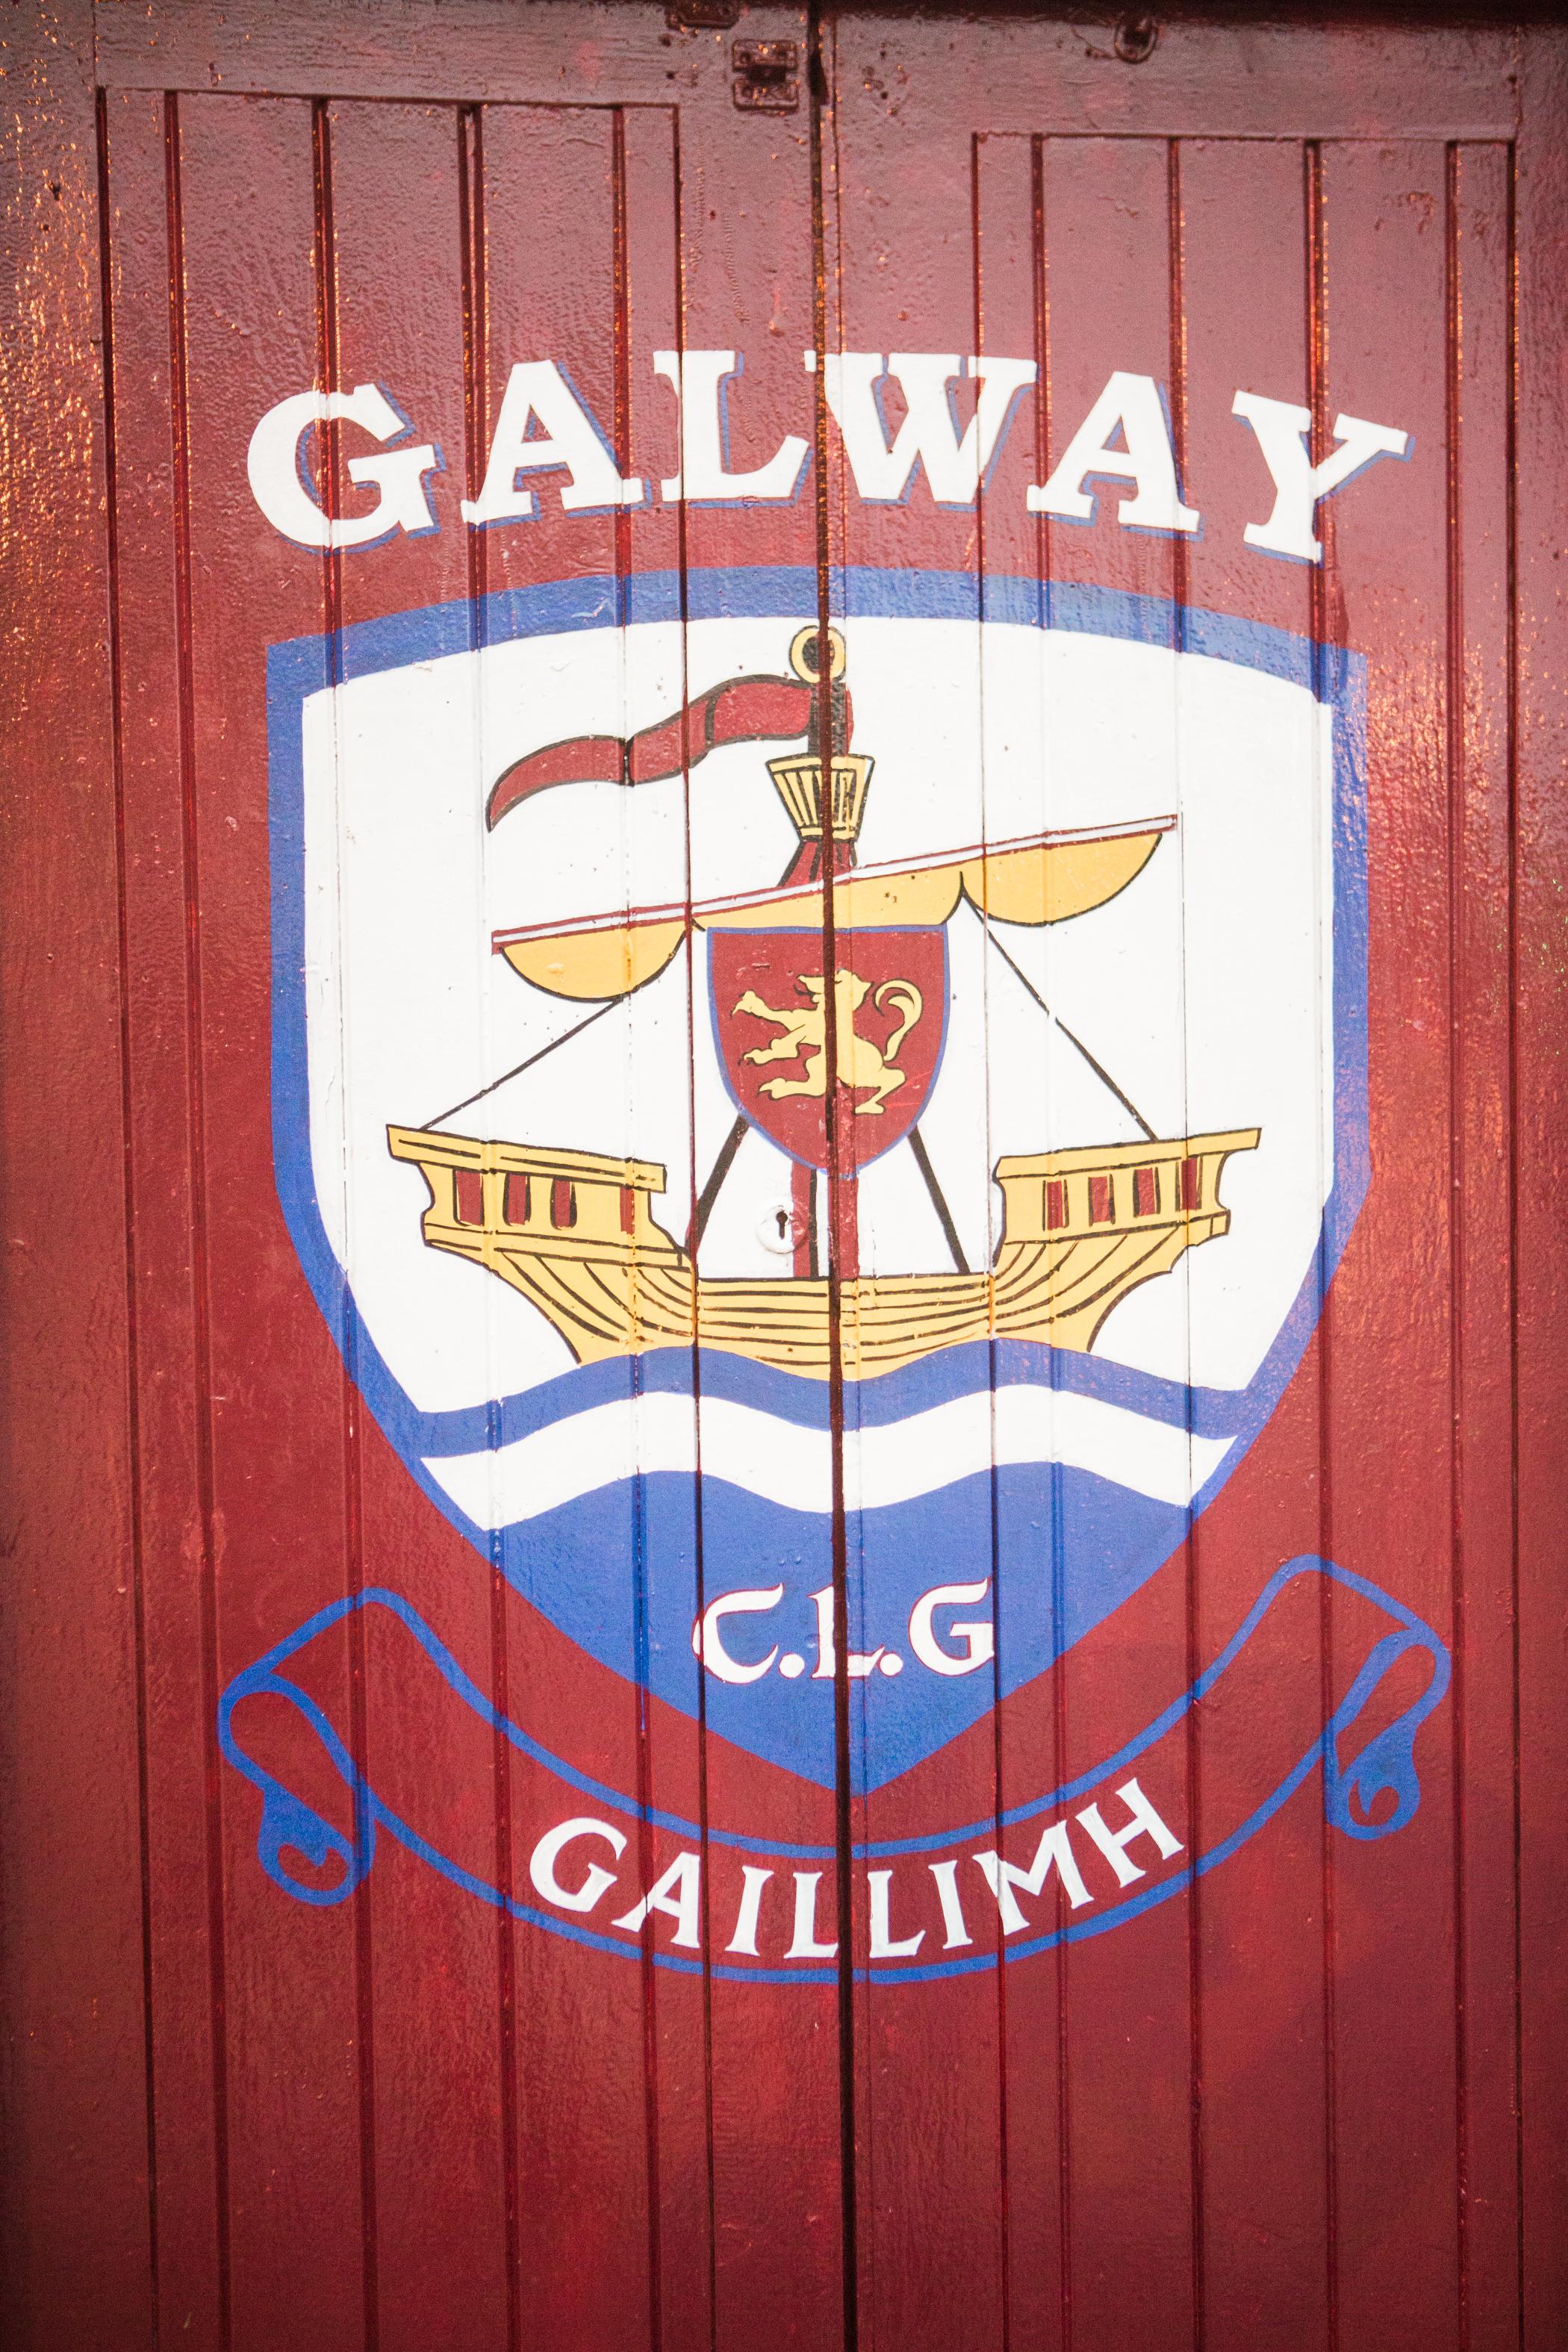 4Galway-by-AnaSchechter-8590.jpg